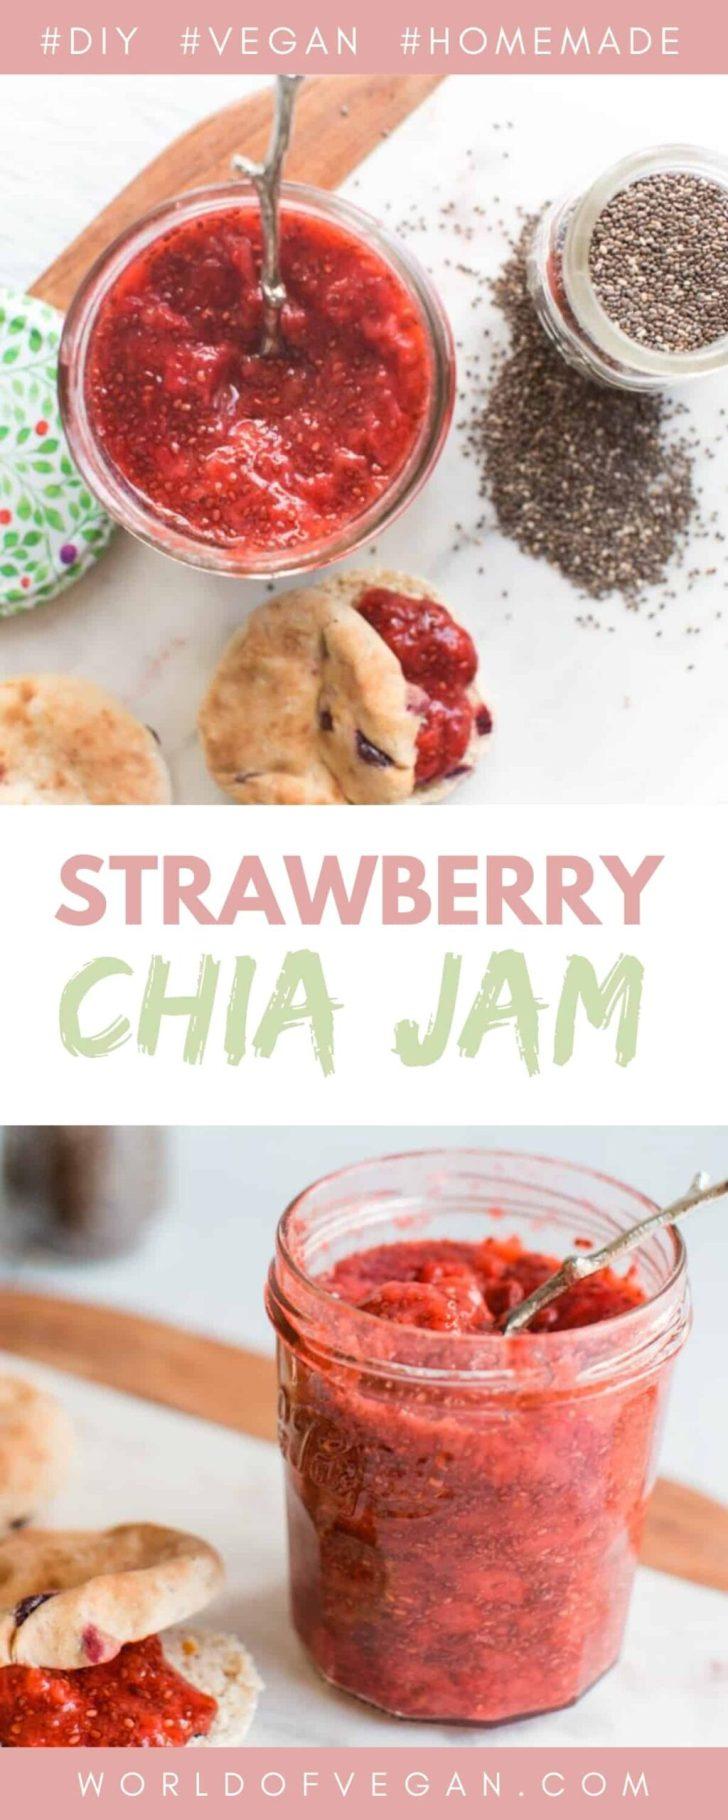 Homemade Strawberry Chia Jam | World of Vegan Recipe